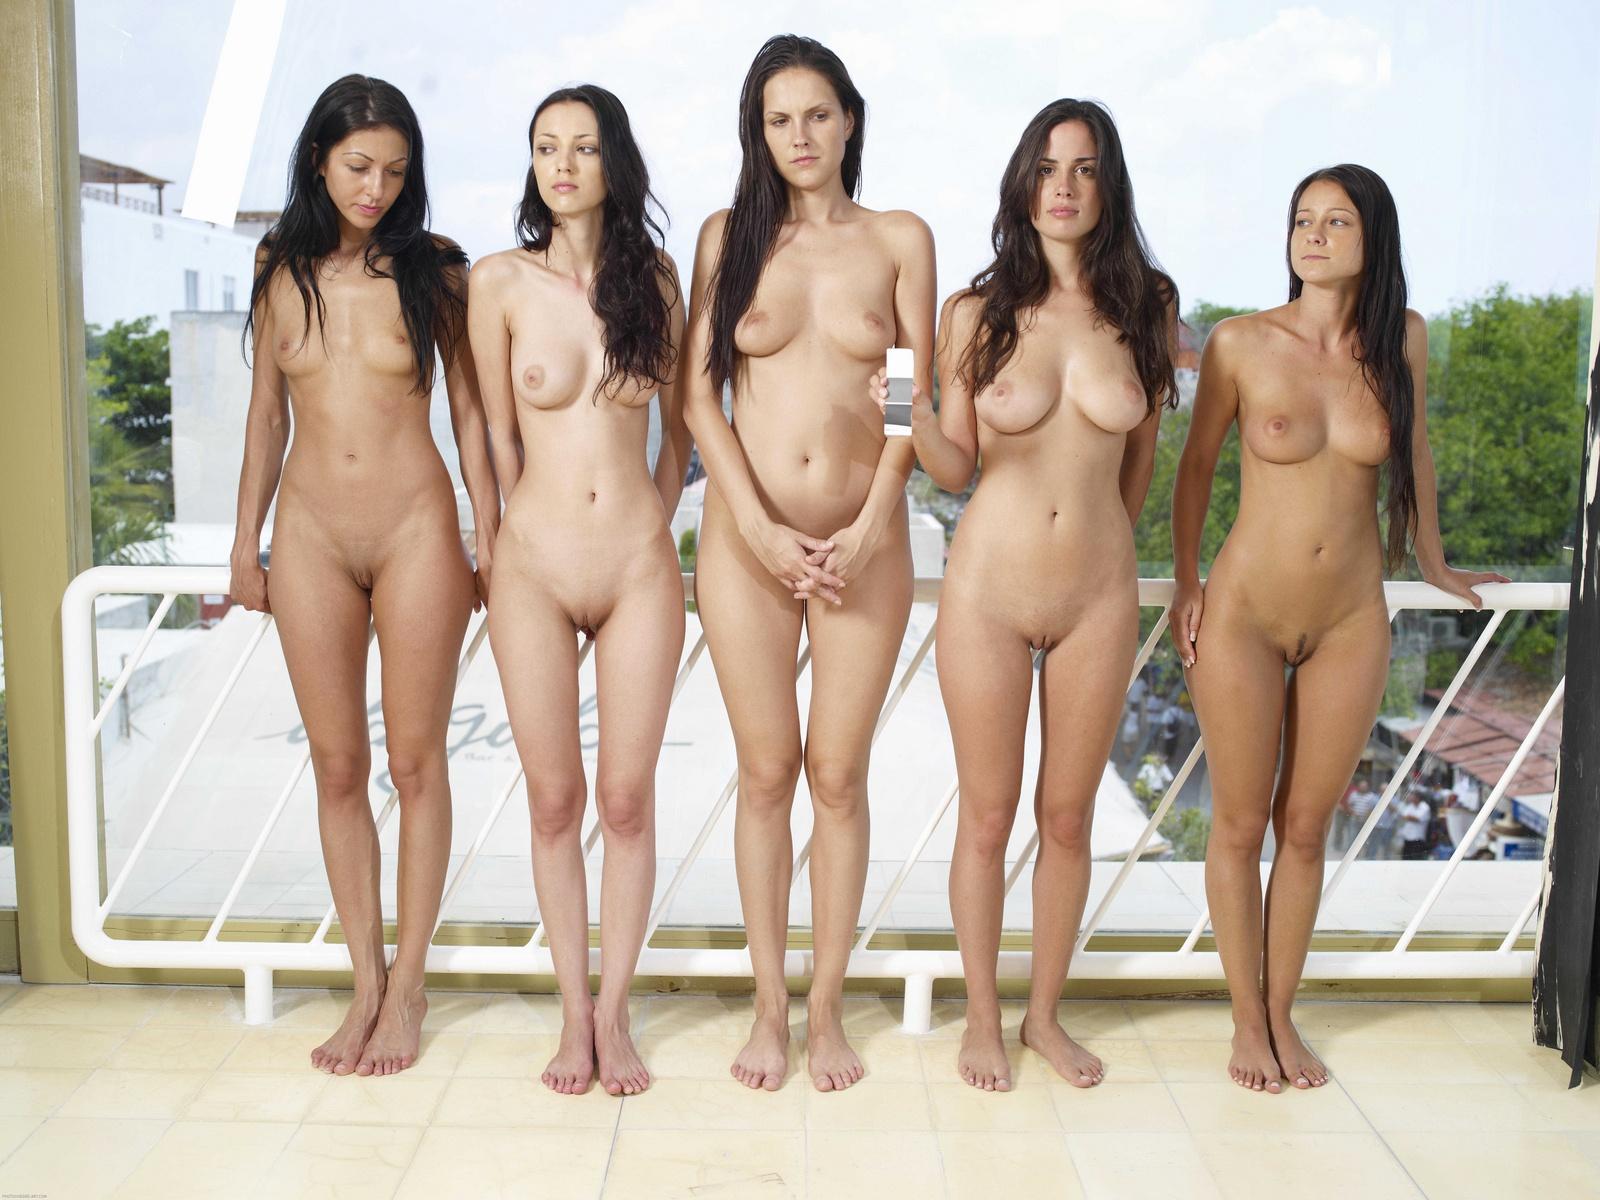 Голые Женщины Позируют Видео